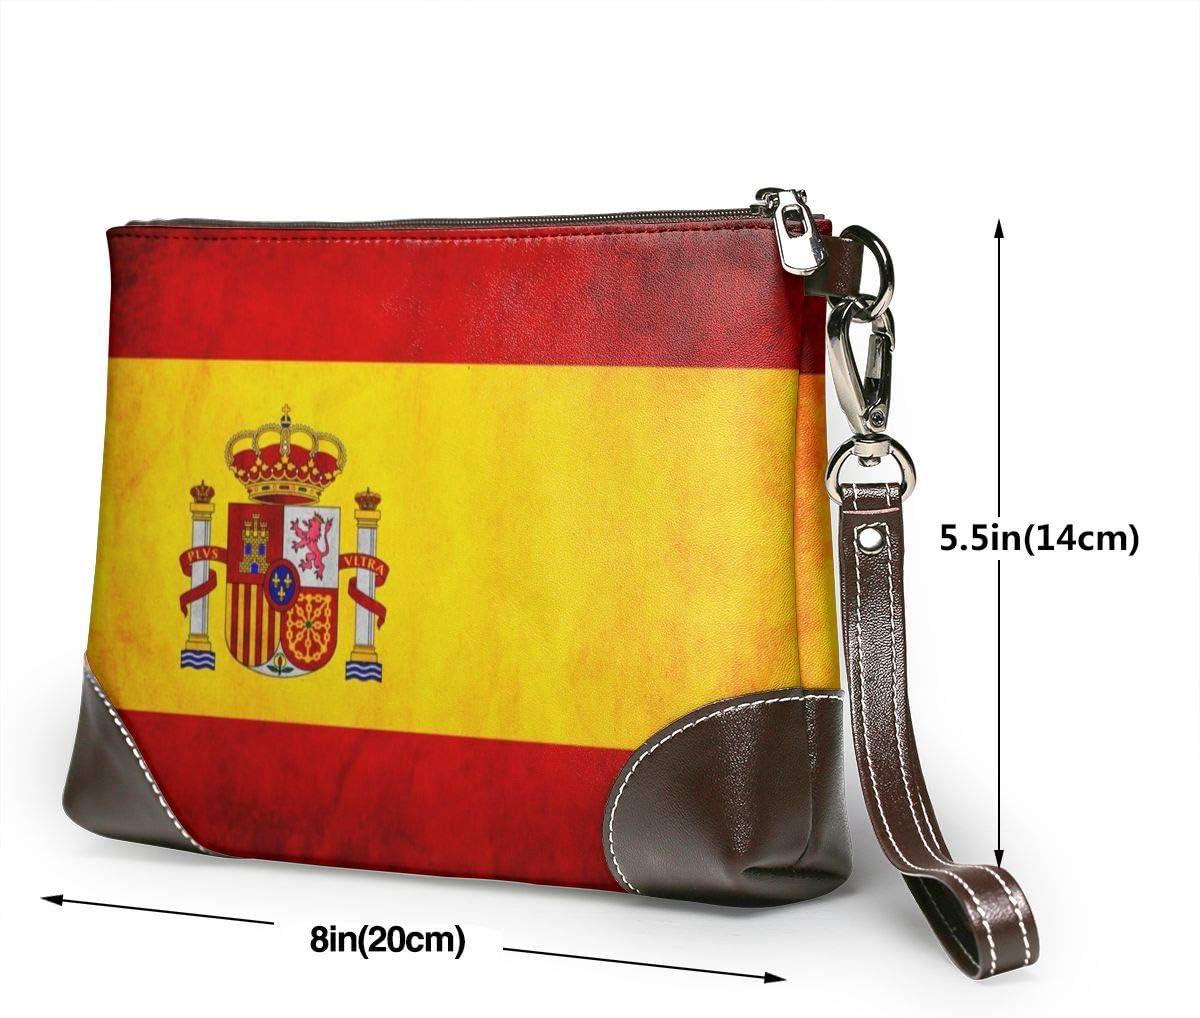 Carteras de cuero genuino para las mujeres con cremallera alrededor de la muñeca bolso largo vintage en relieve cuero vacuno capacidad hecho a mano banderas de España: Amazon.es: Equipaje